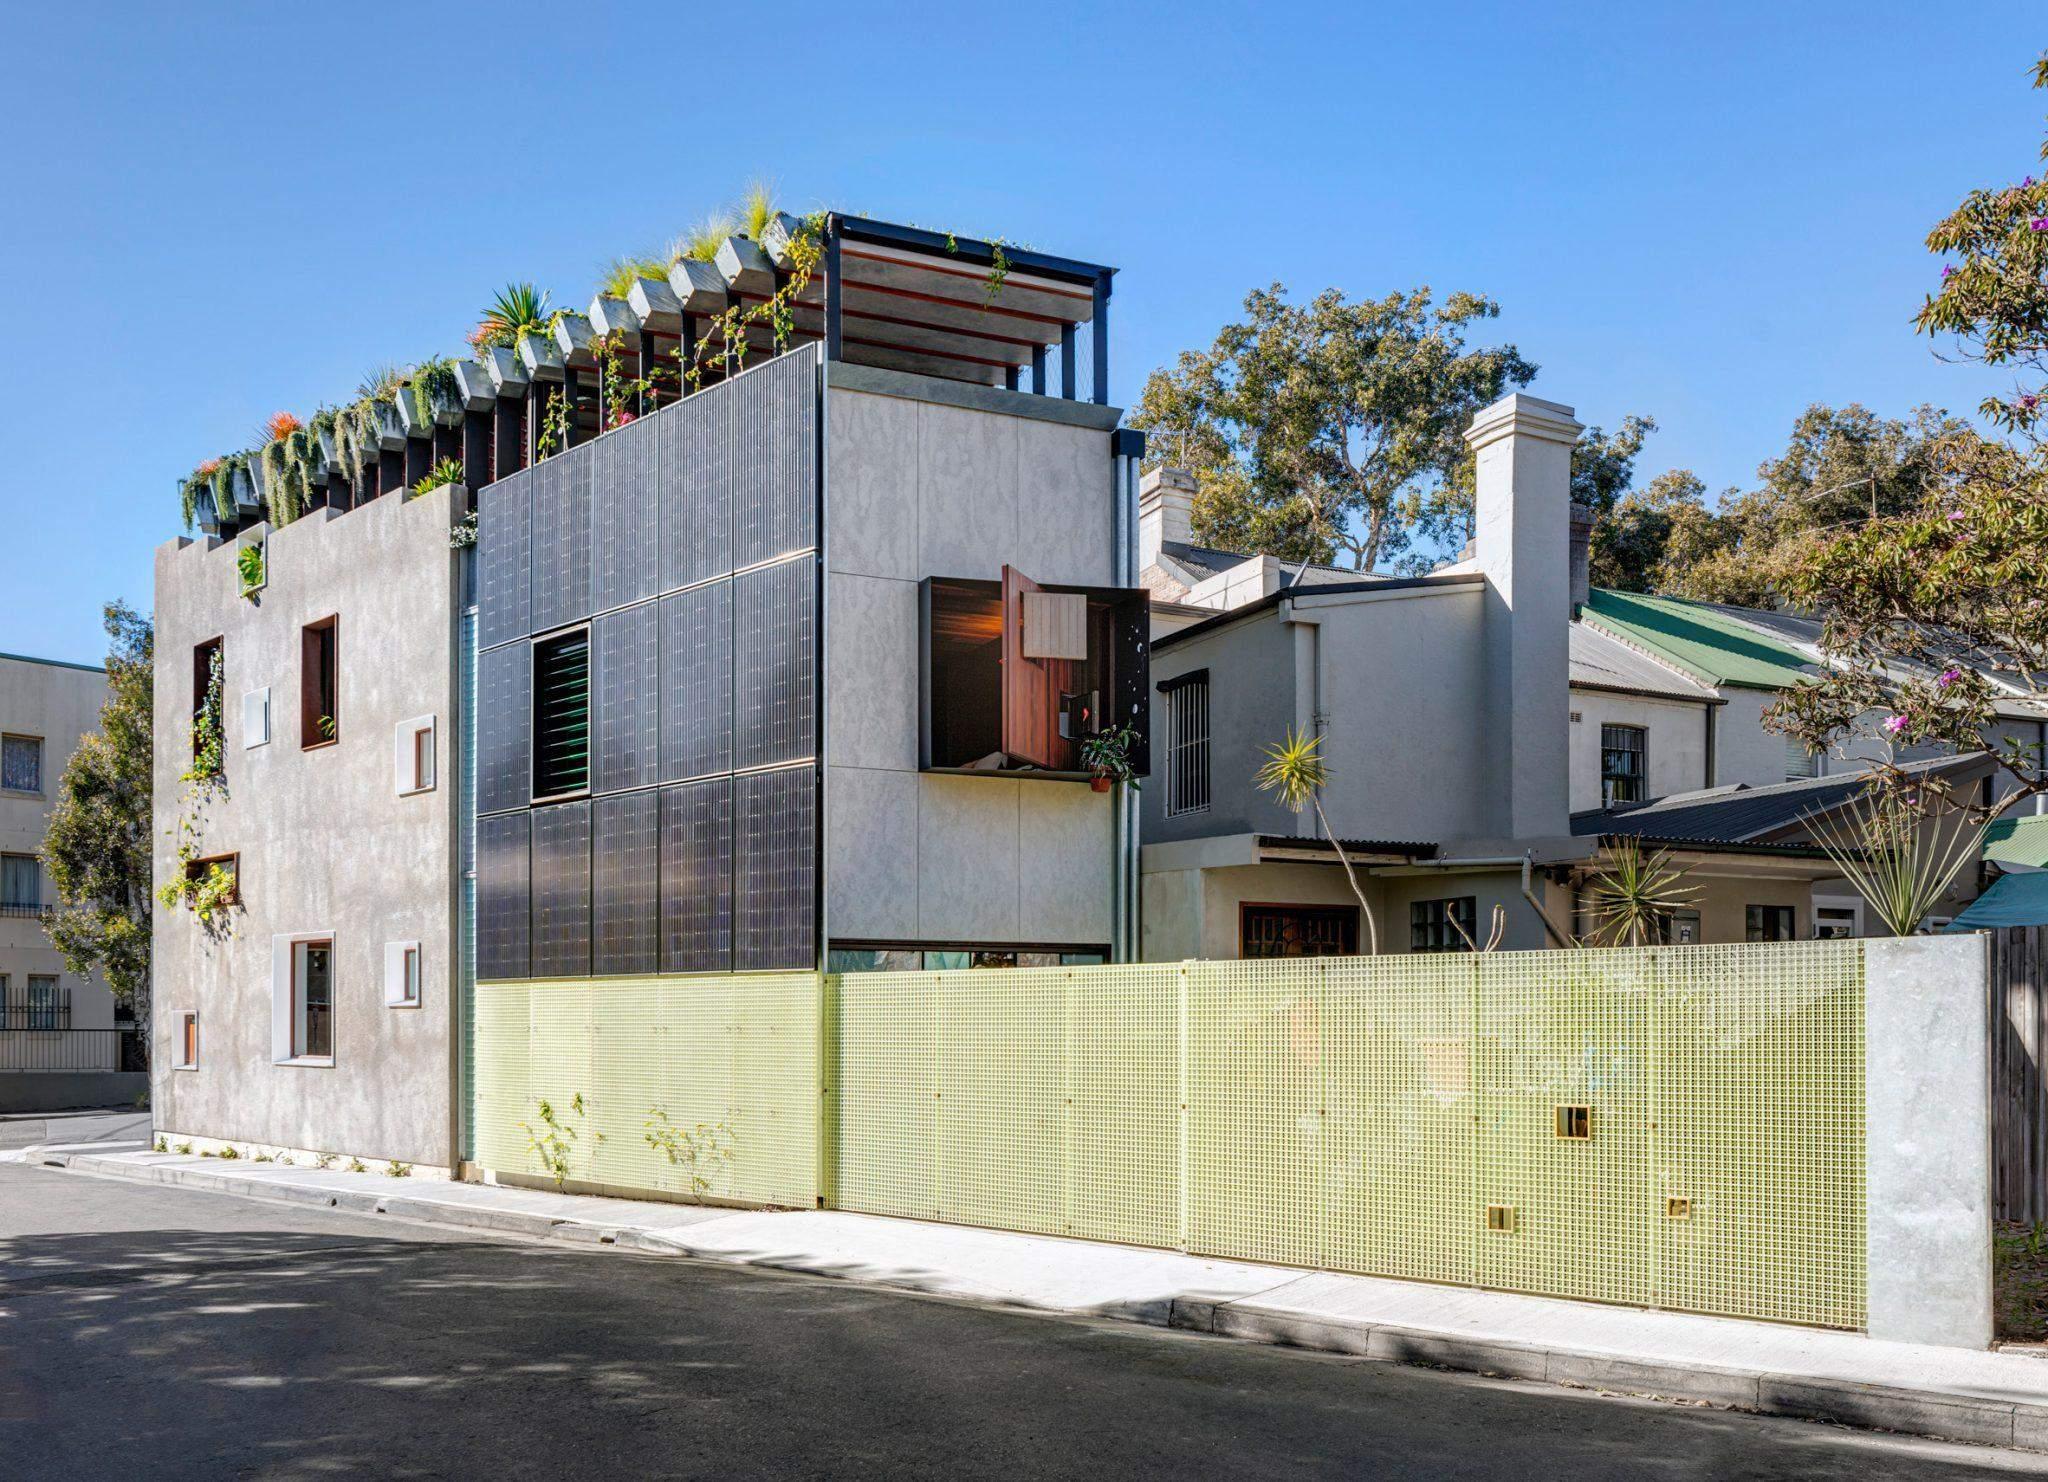 Ззовні будинок виглядає дещо хаотично / Фото Deezen